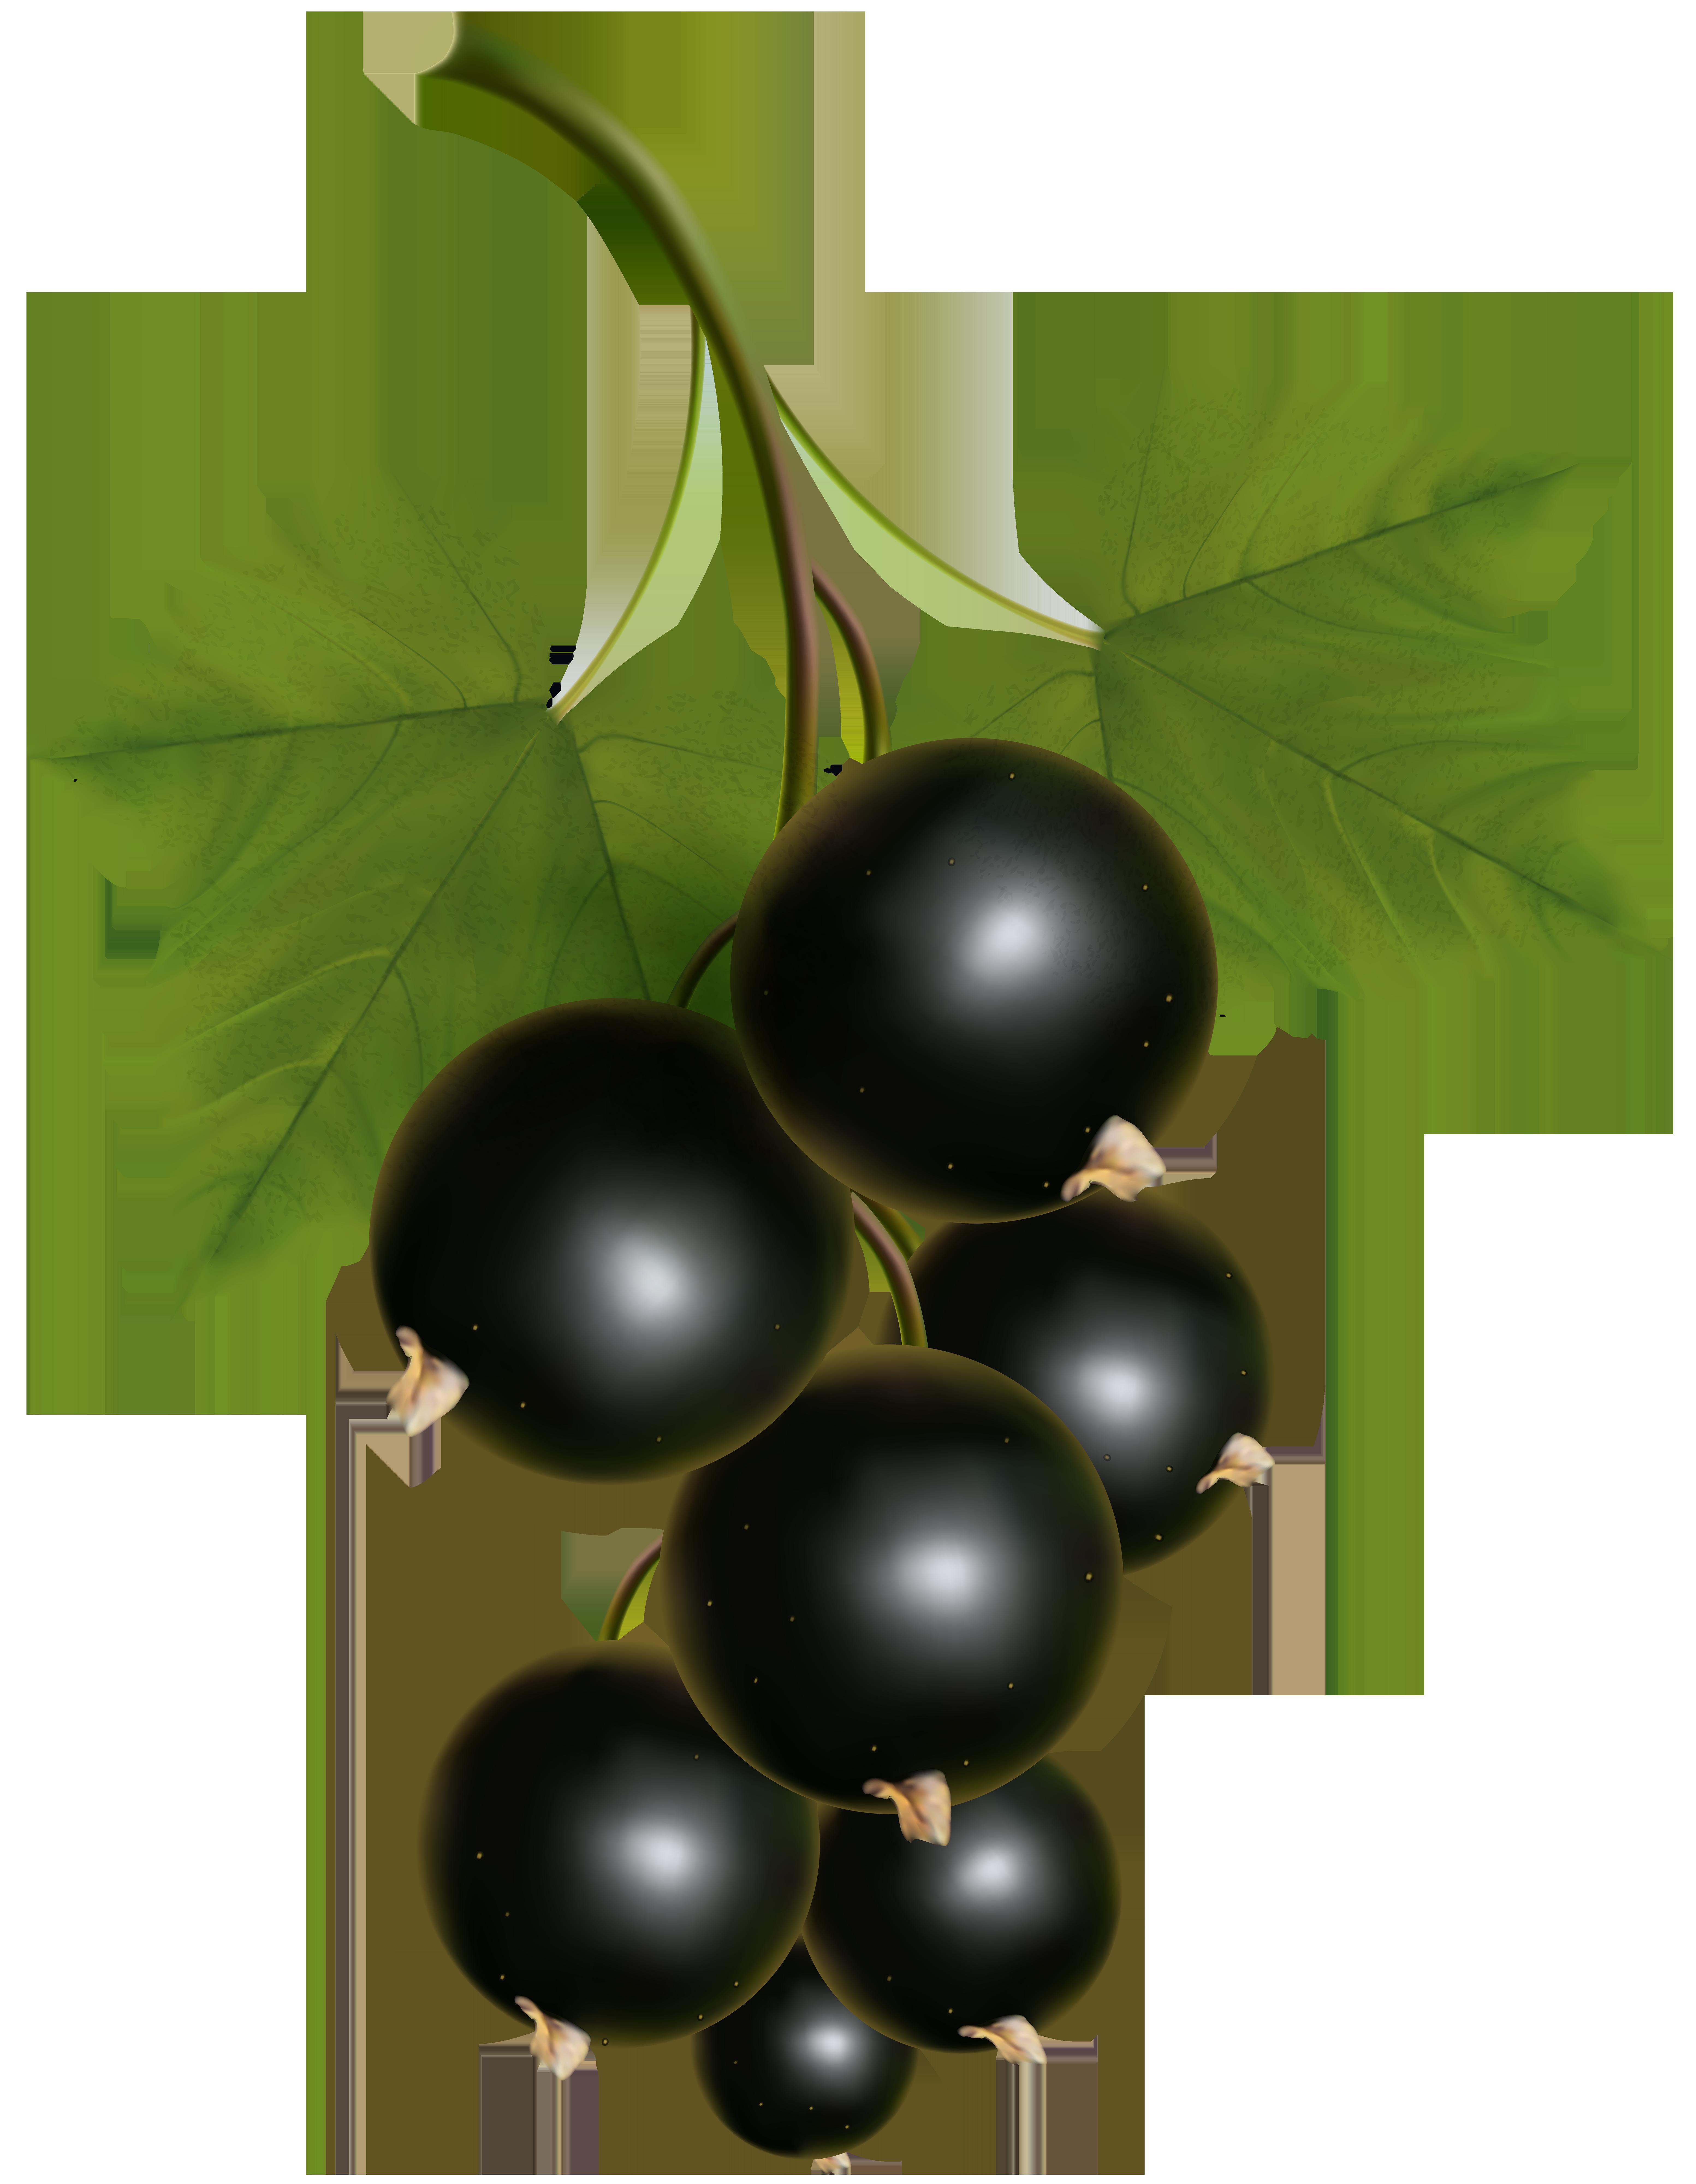 Black Currant Transparent PNG Clip Art Image.